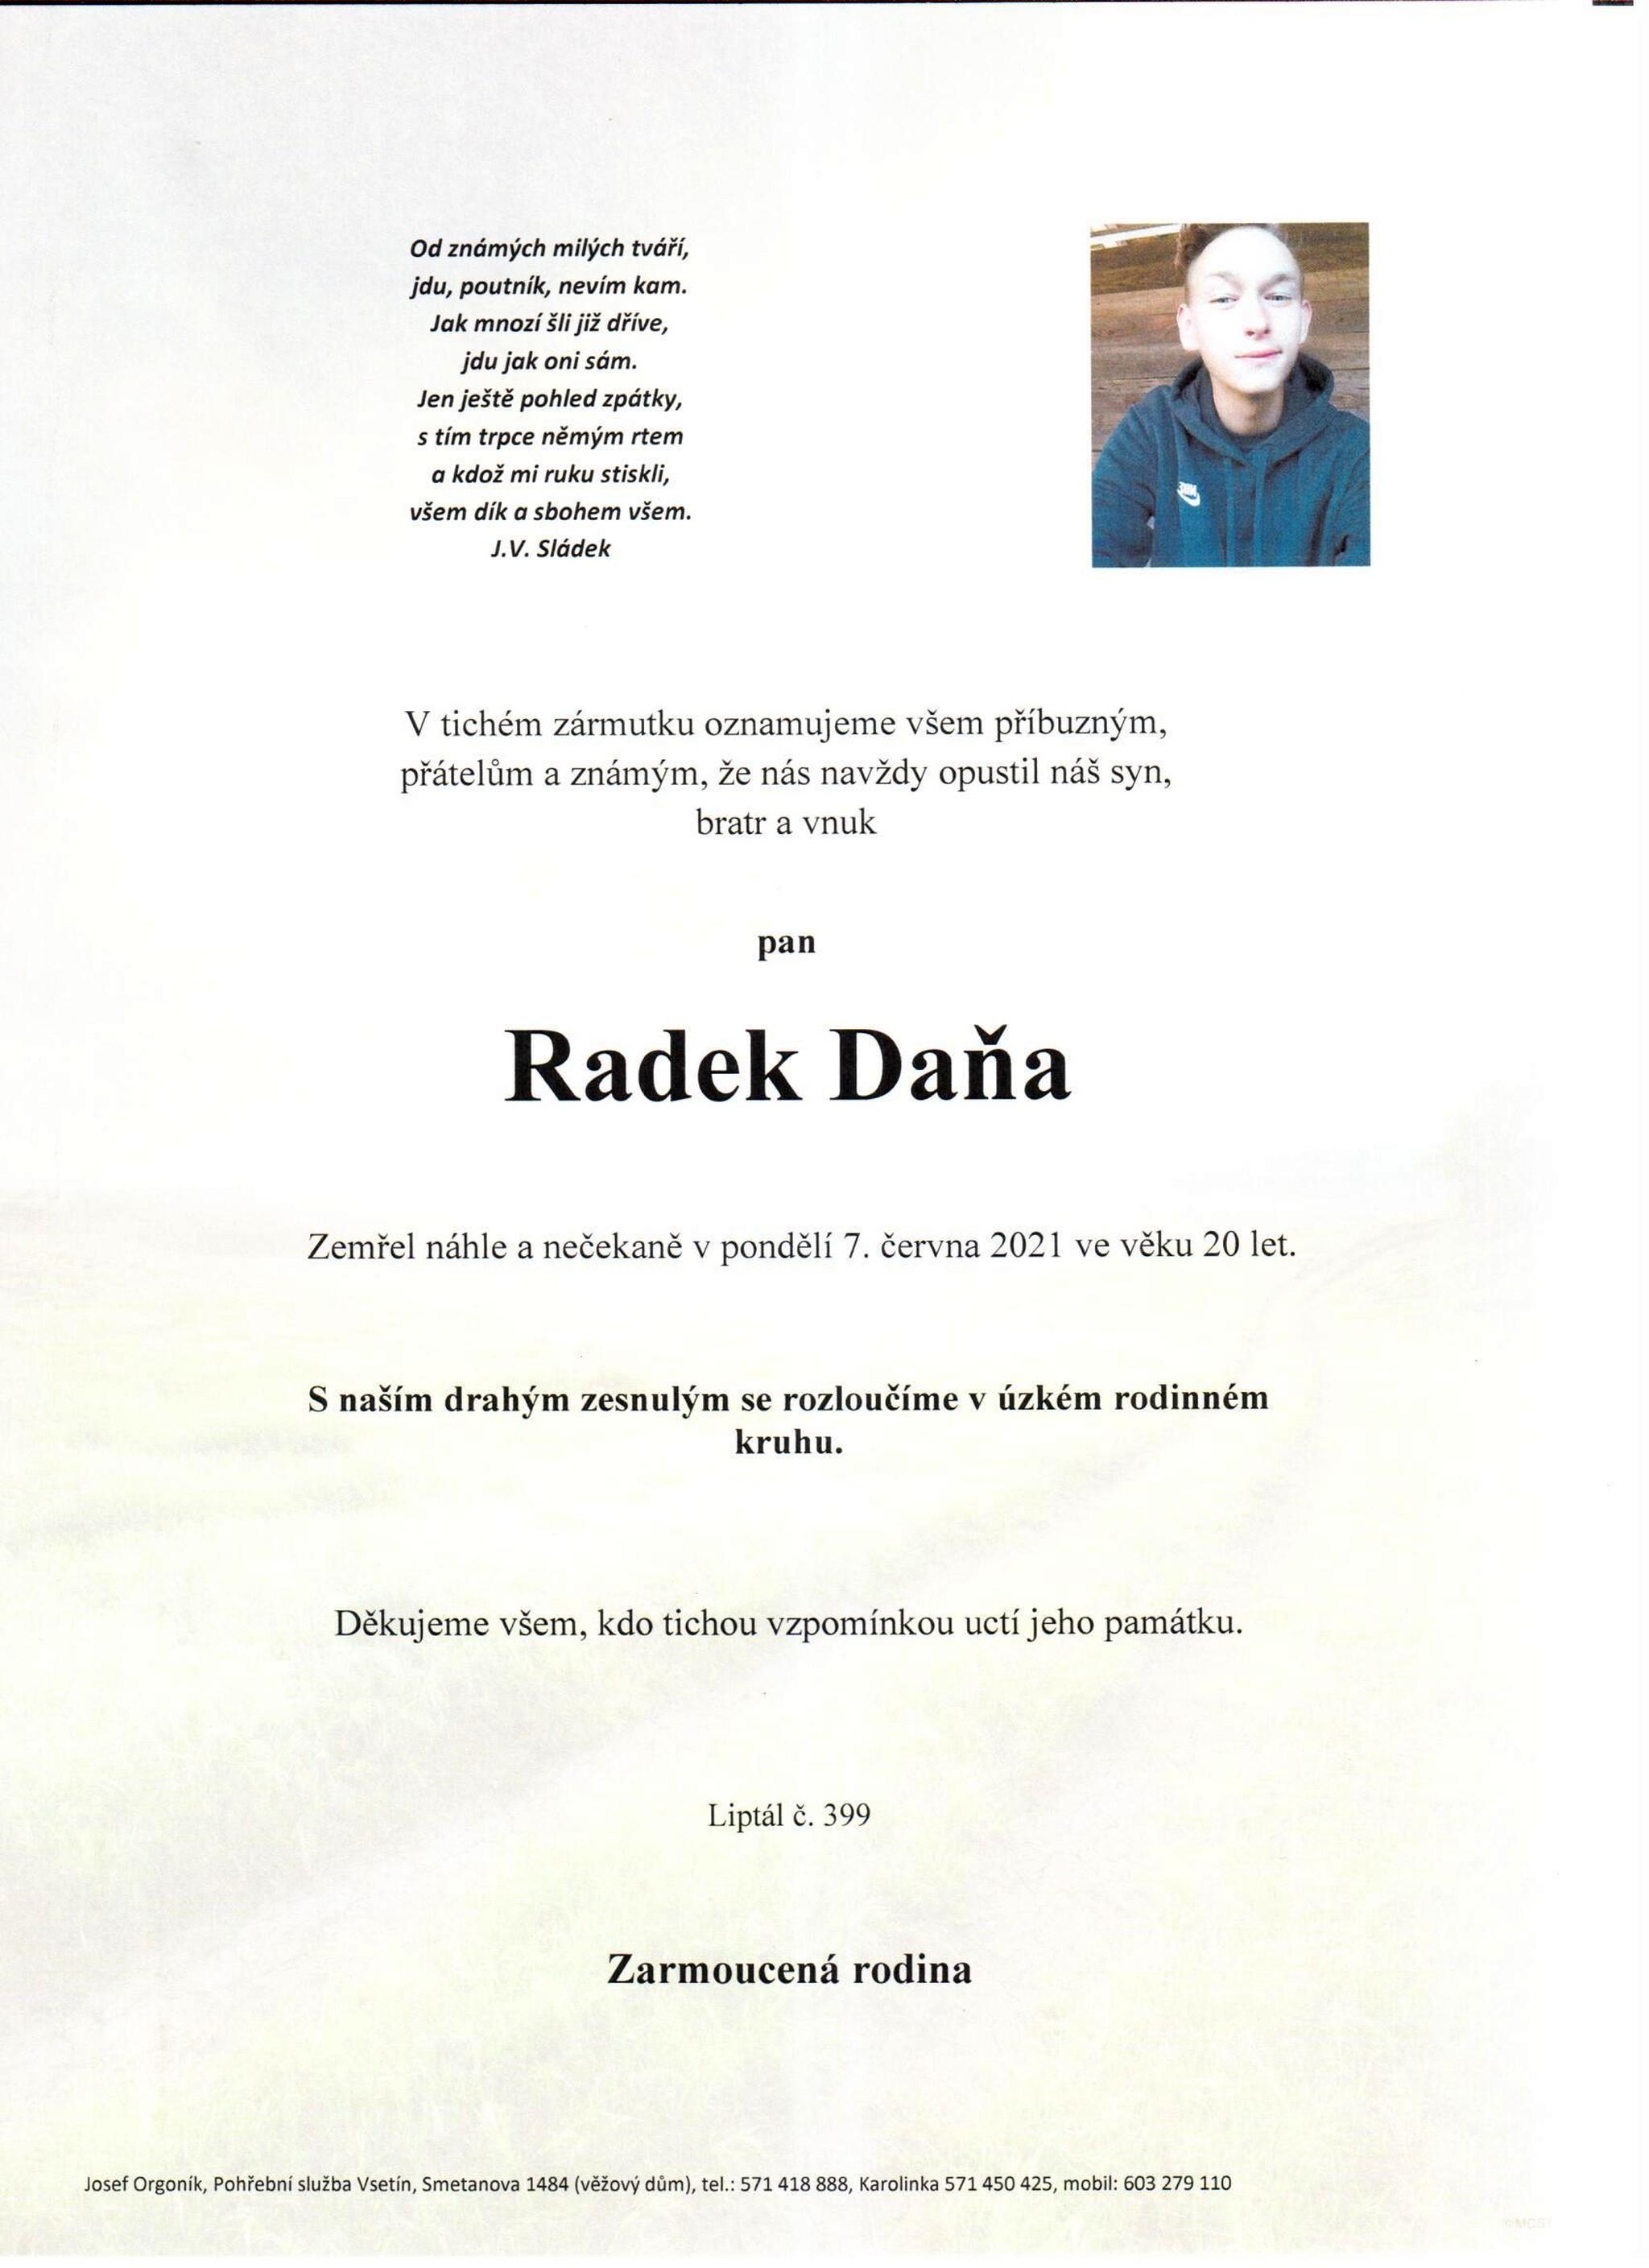 Radek Daňa